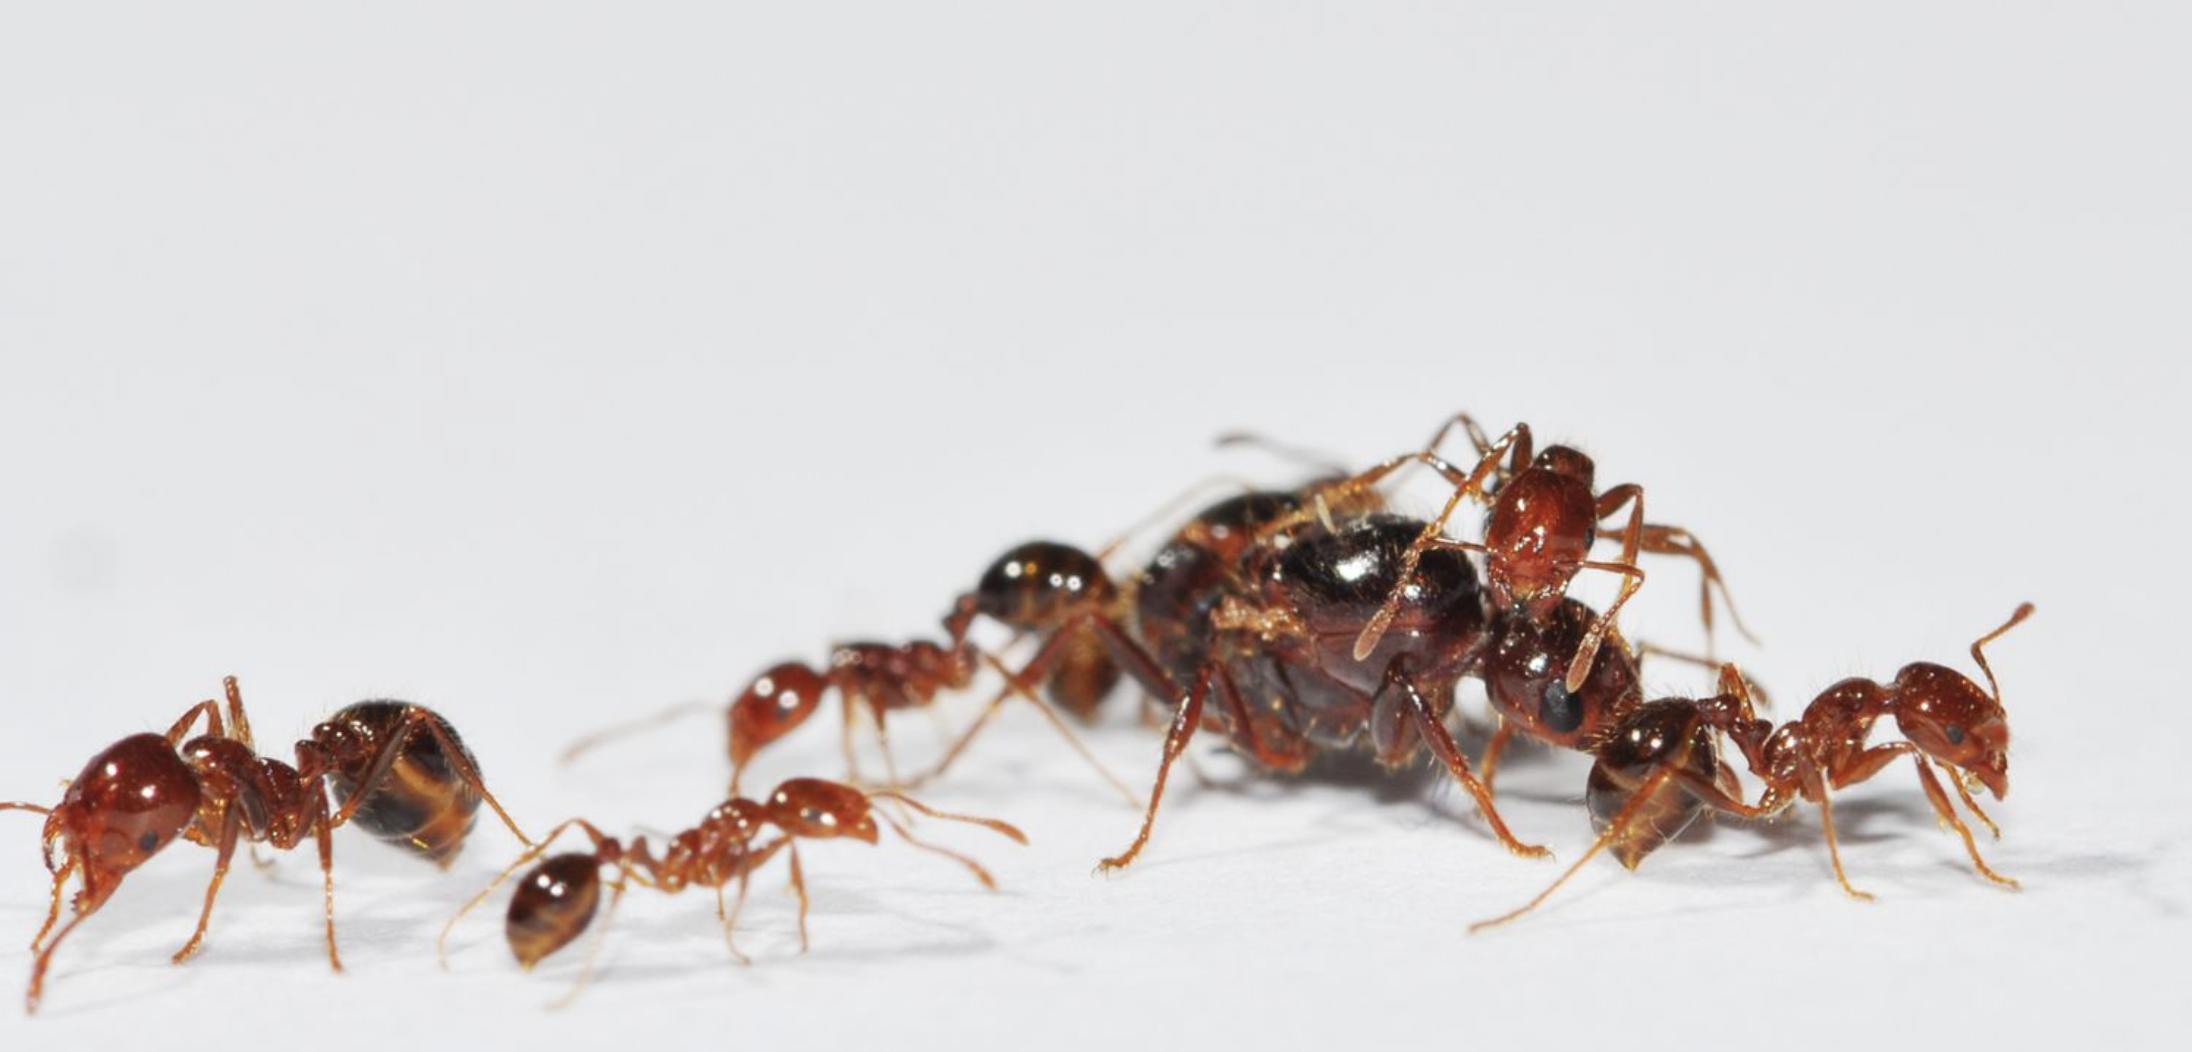 入侵紅火蟻 (以下簡稱紅火蟻) 原產在溫暖、潮溼的南美,1920 年代傳入美國,擴散到全美各地,再透過進出口貨物、盆栽泥土傳播,從美國擴散到澳洲、中國、日本、韓國、臺灣等地。圖│王忠信